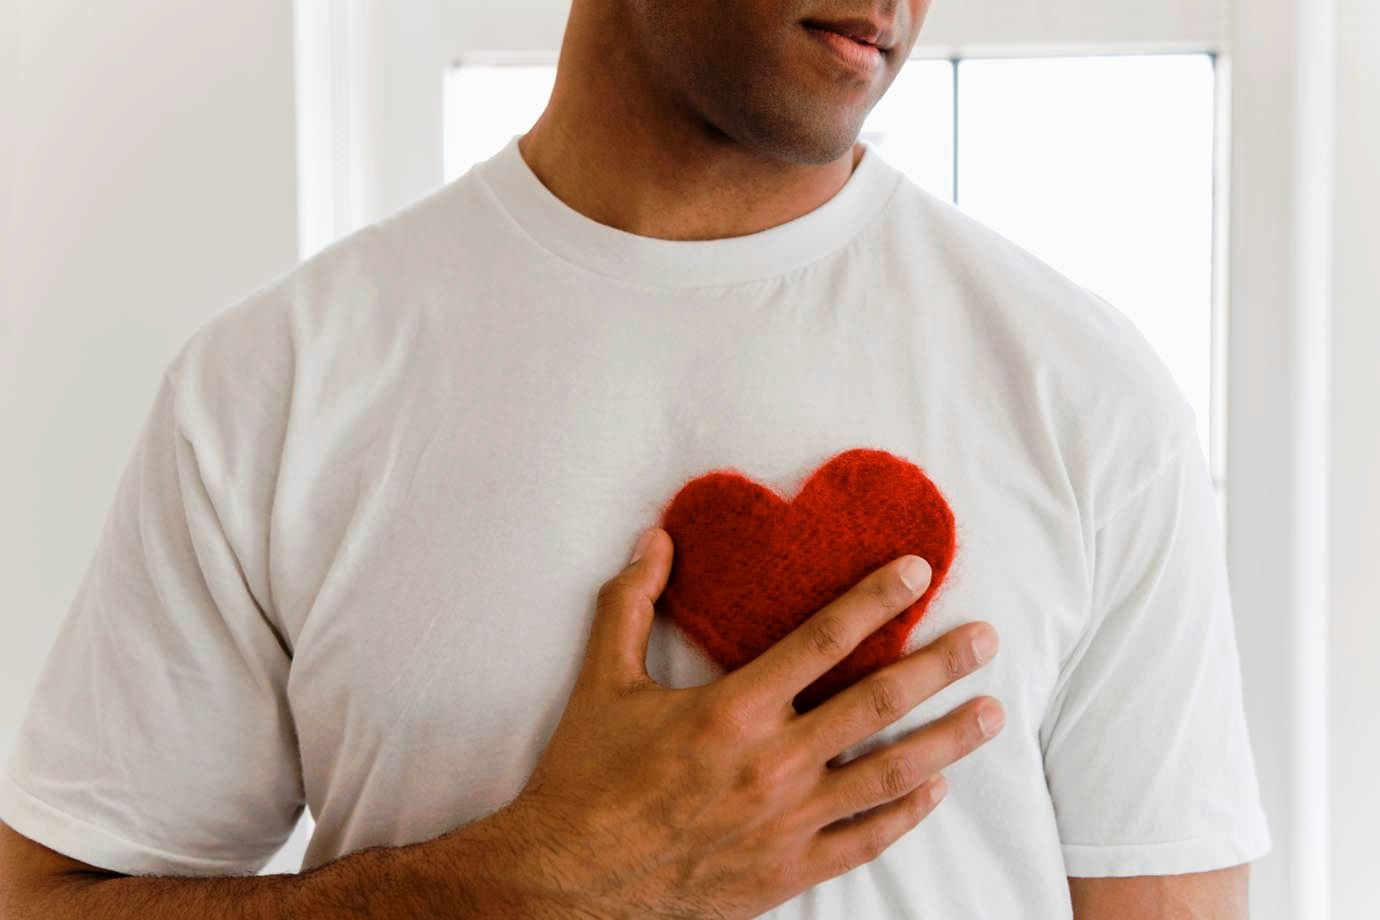 Как сделать так, чтобы мужчина бегал за тобой: способы и рекомендации